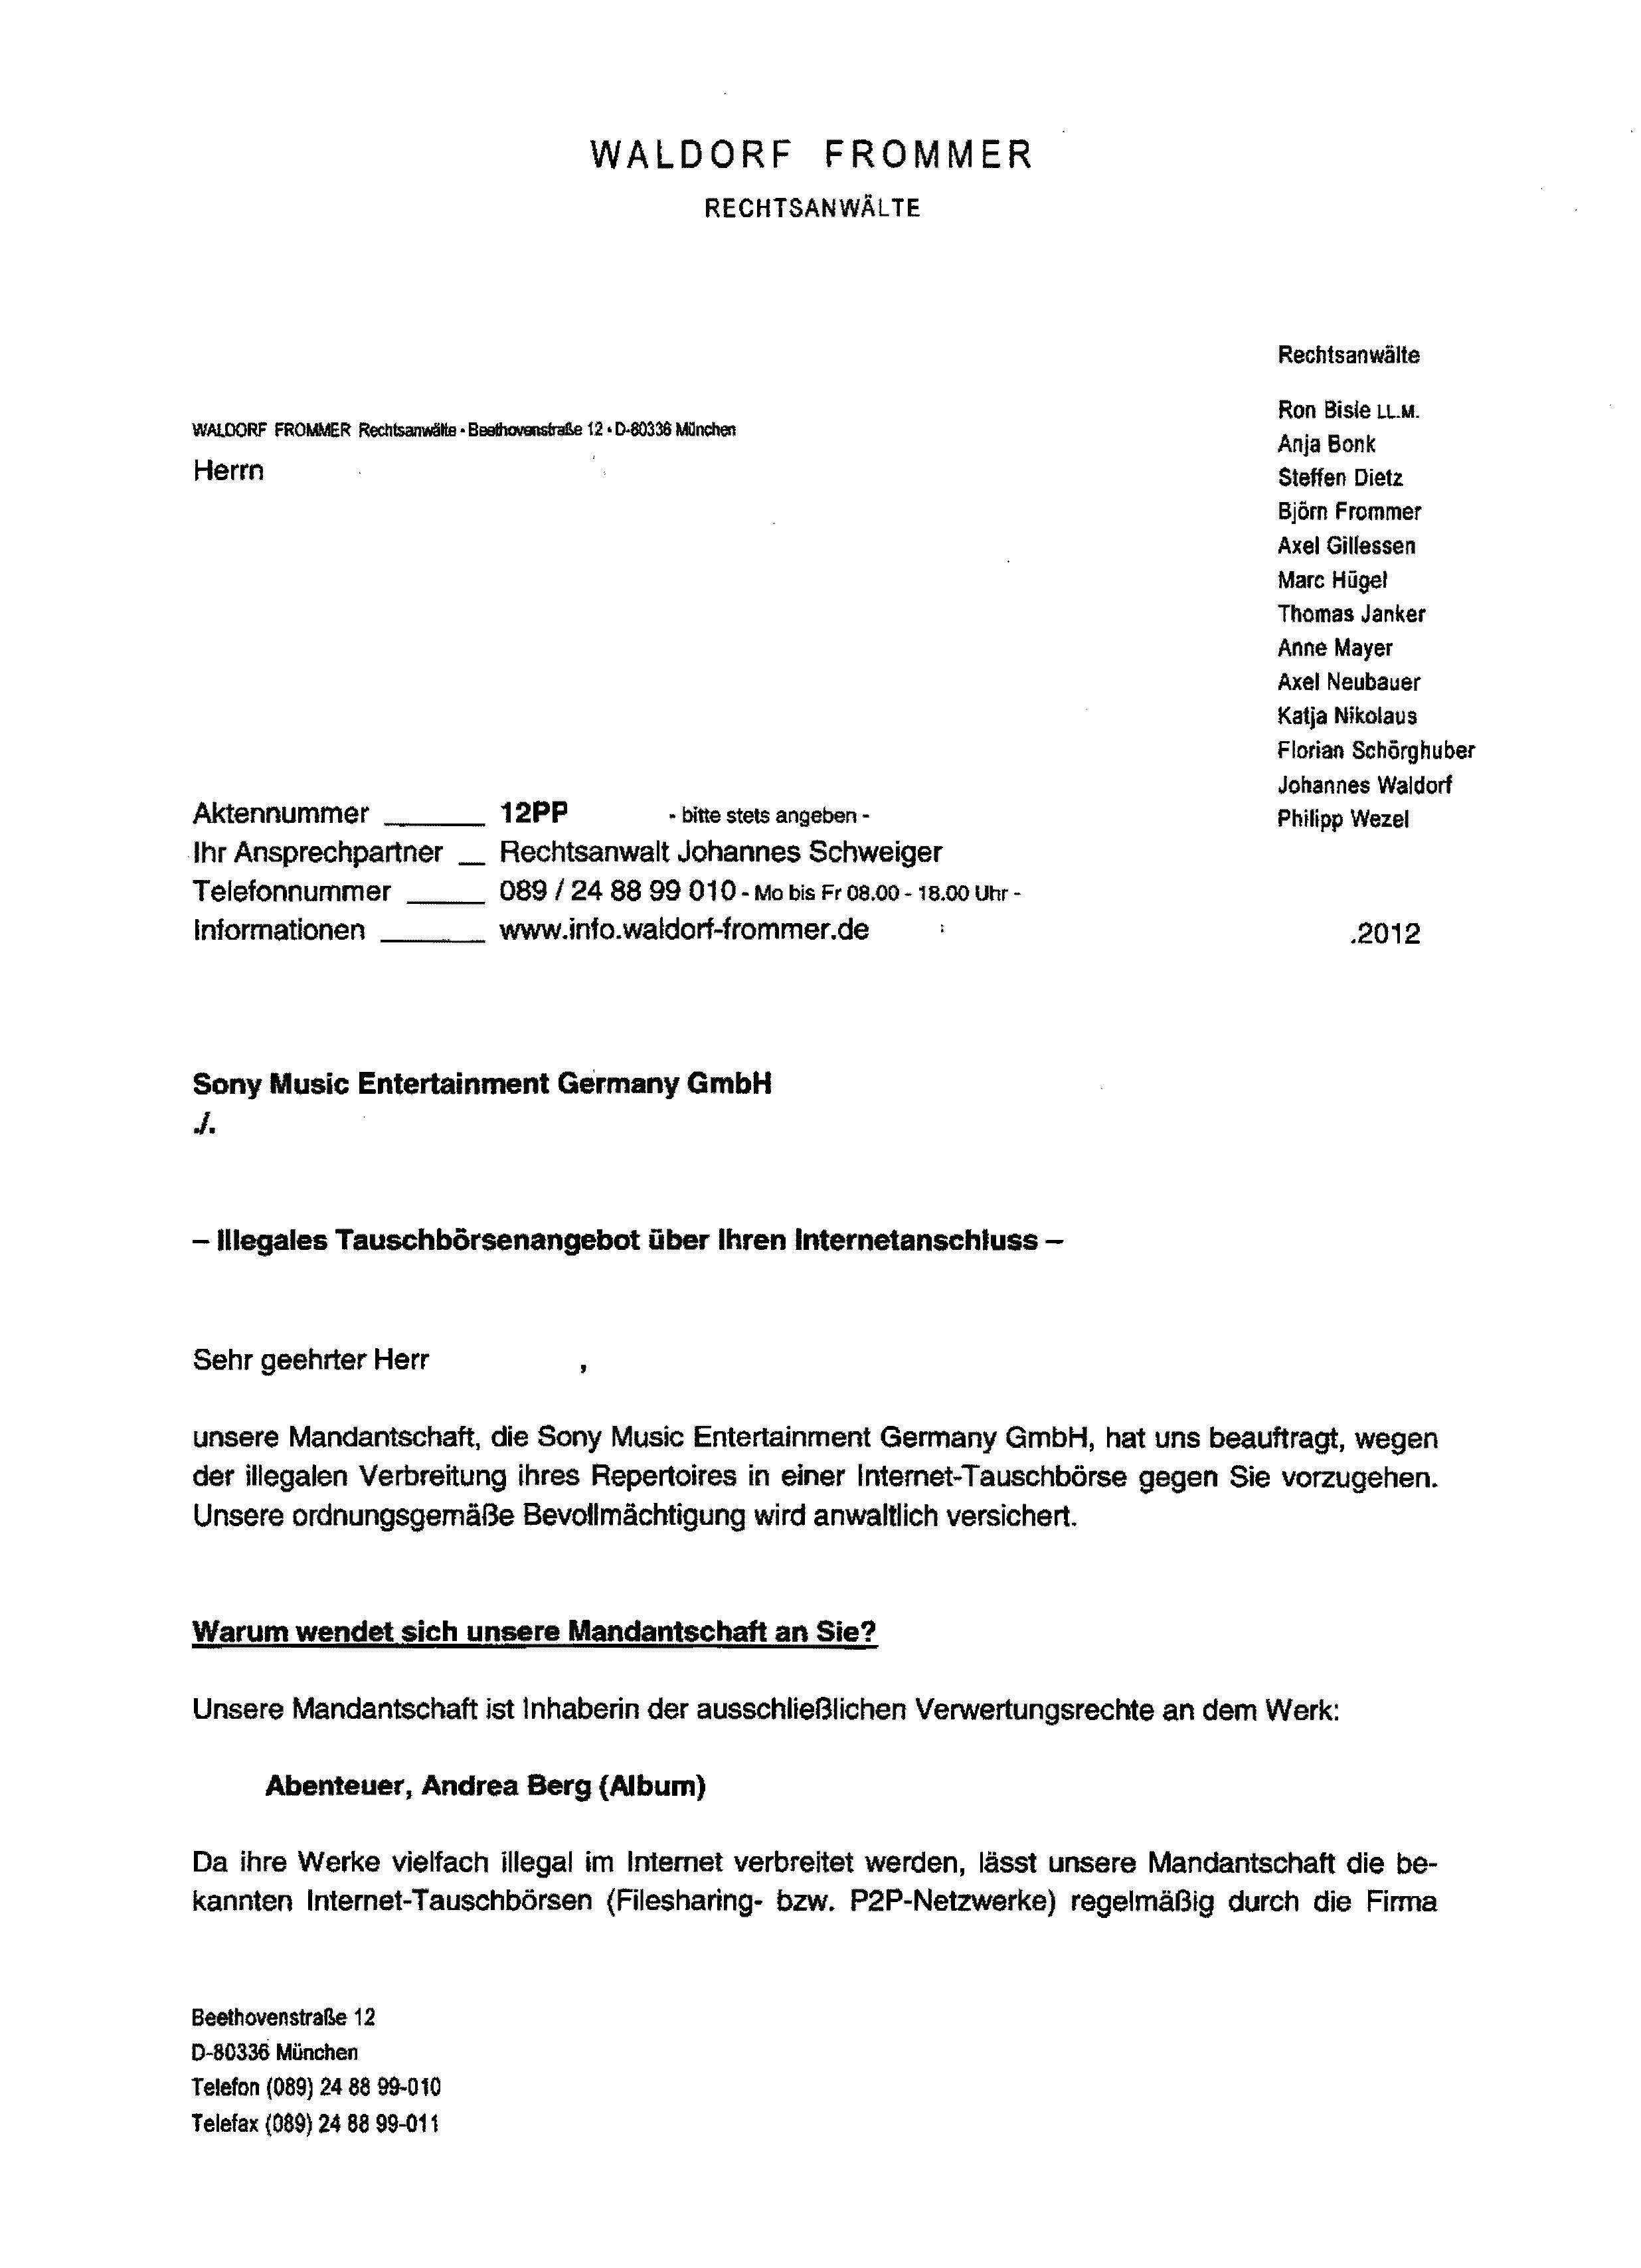 Briefe Von Waldorf Frommer : Erste seite einer abmahnung der kanzlei waldorf frommer im